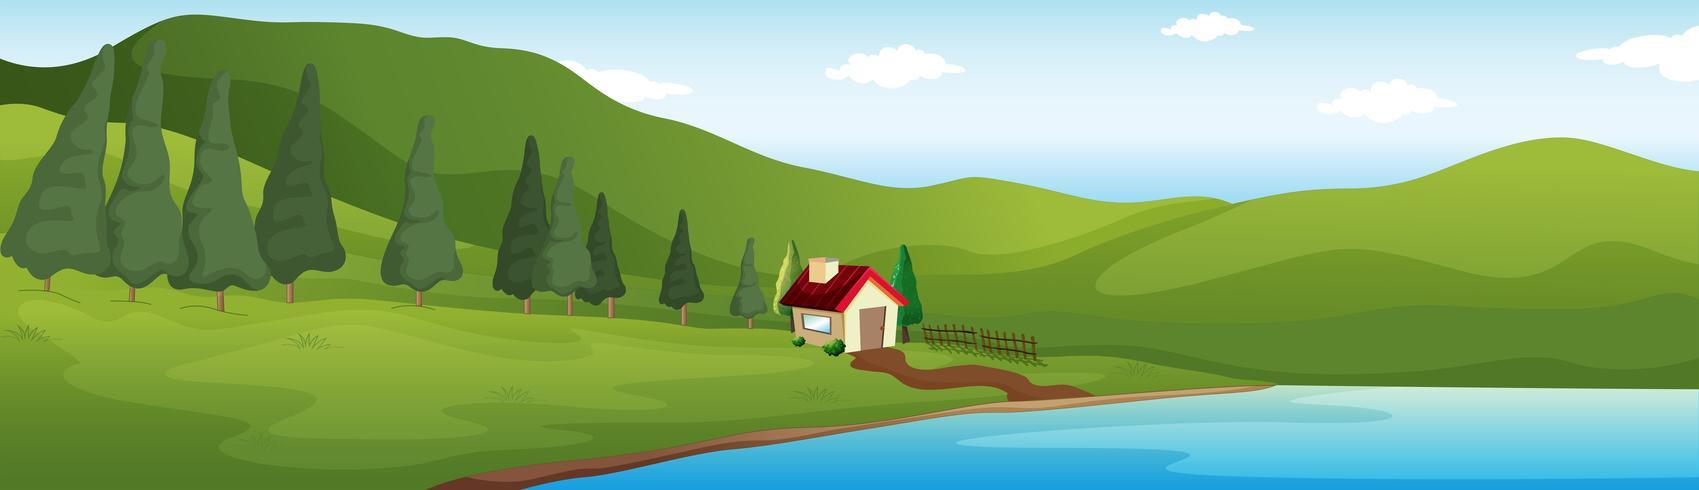 Bakgrundsscen med hus vid sjön